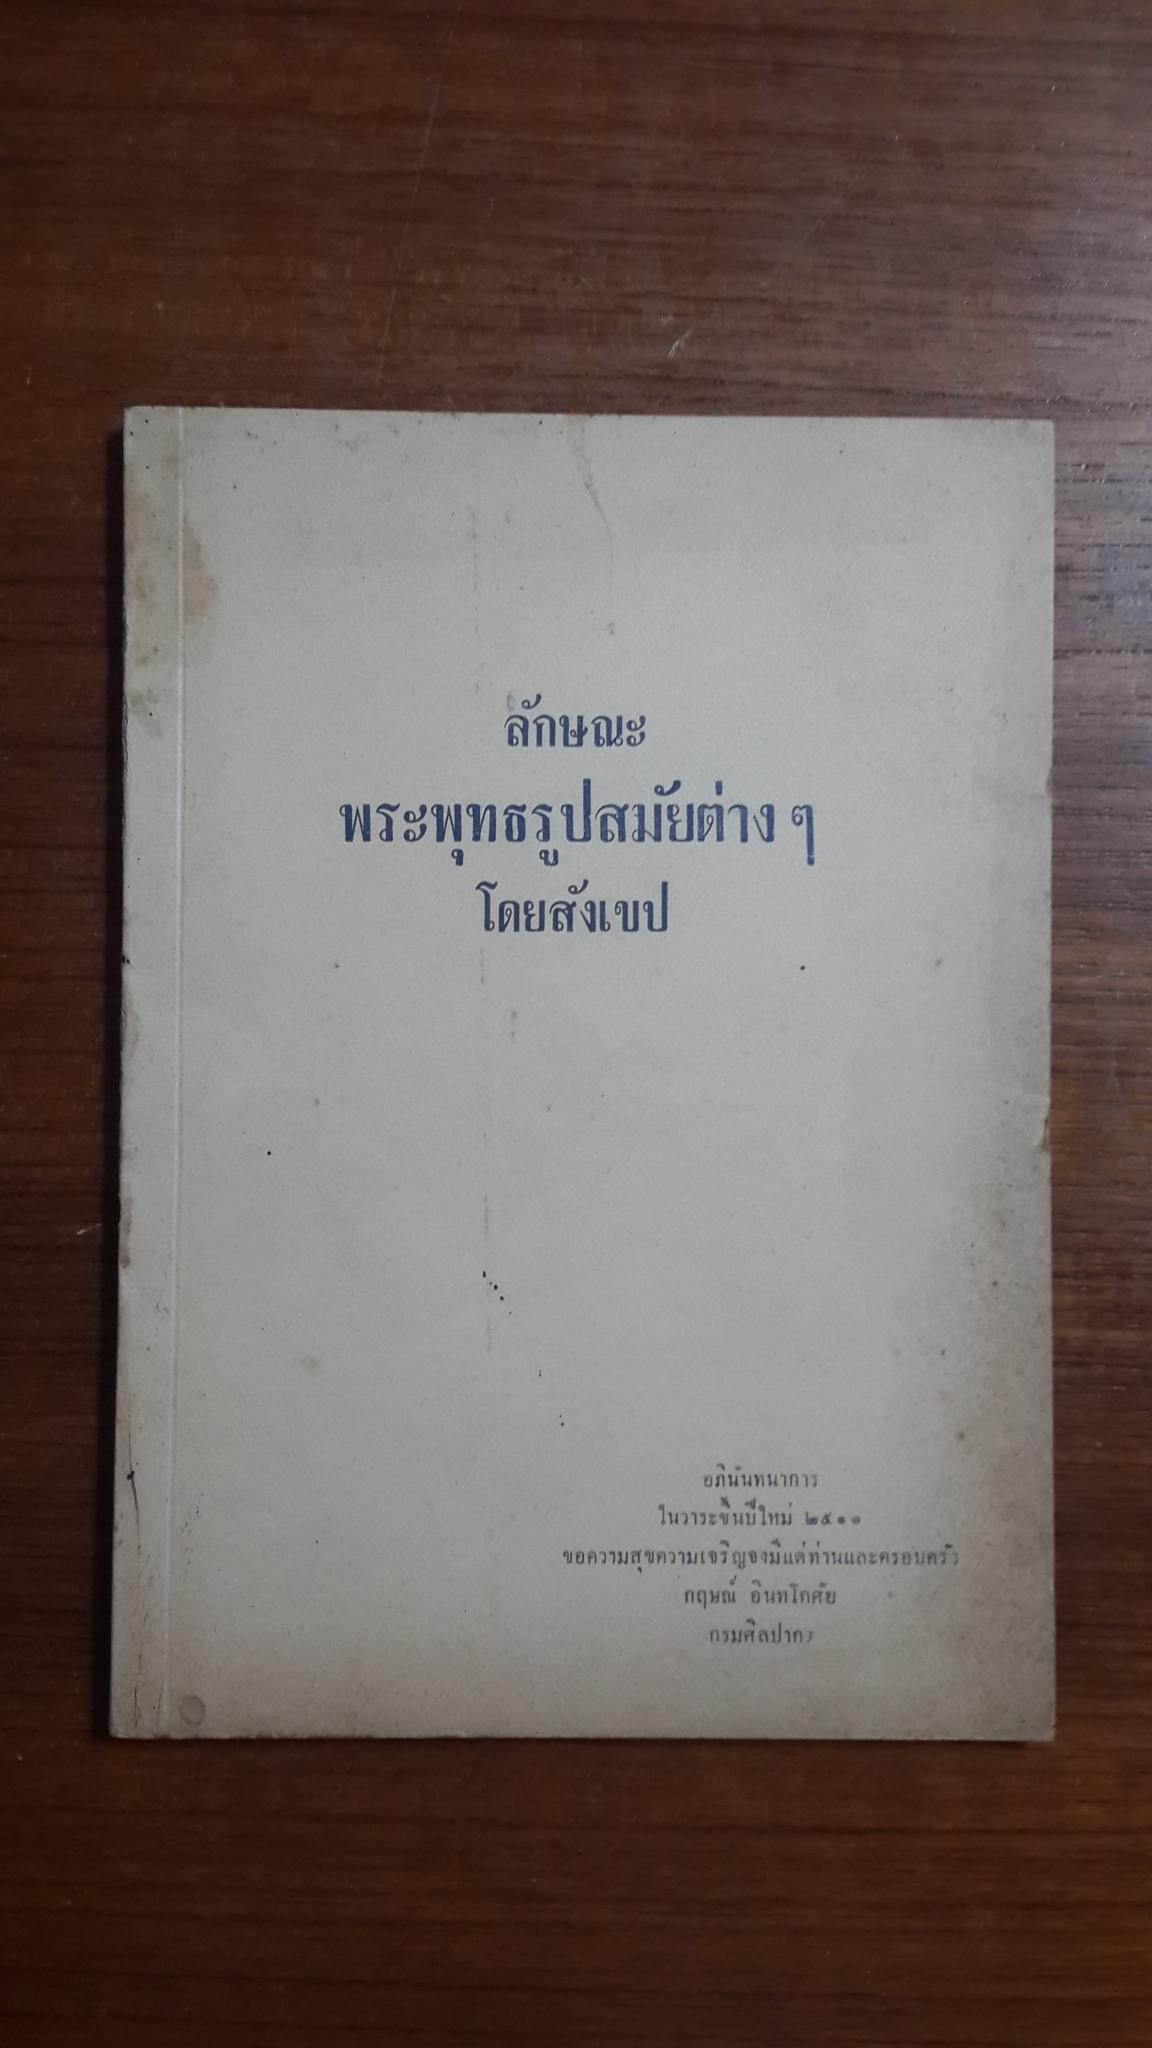 ลักษณะพระพุทธรูปสมัยต่างๆโดยสังเขป / กฤษณ์ อินทโกศัย